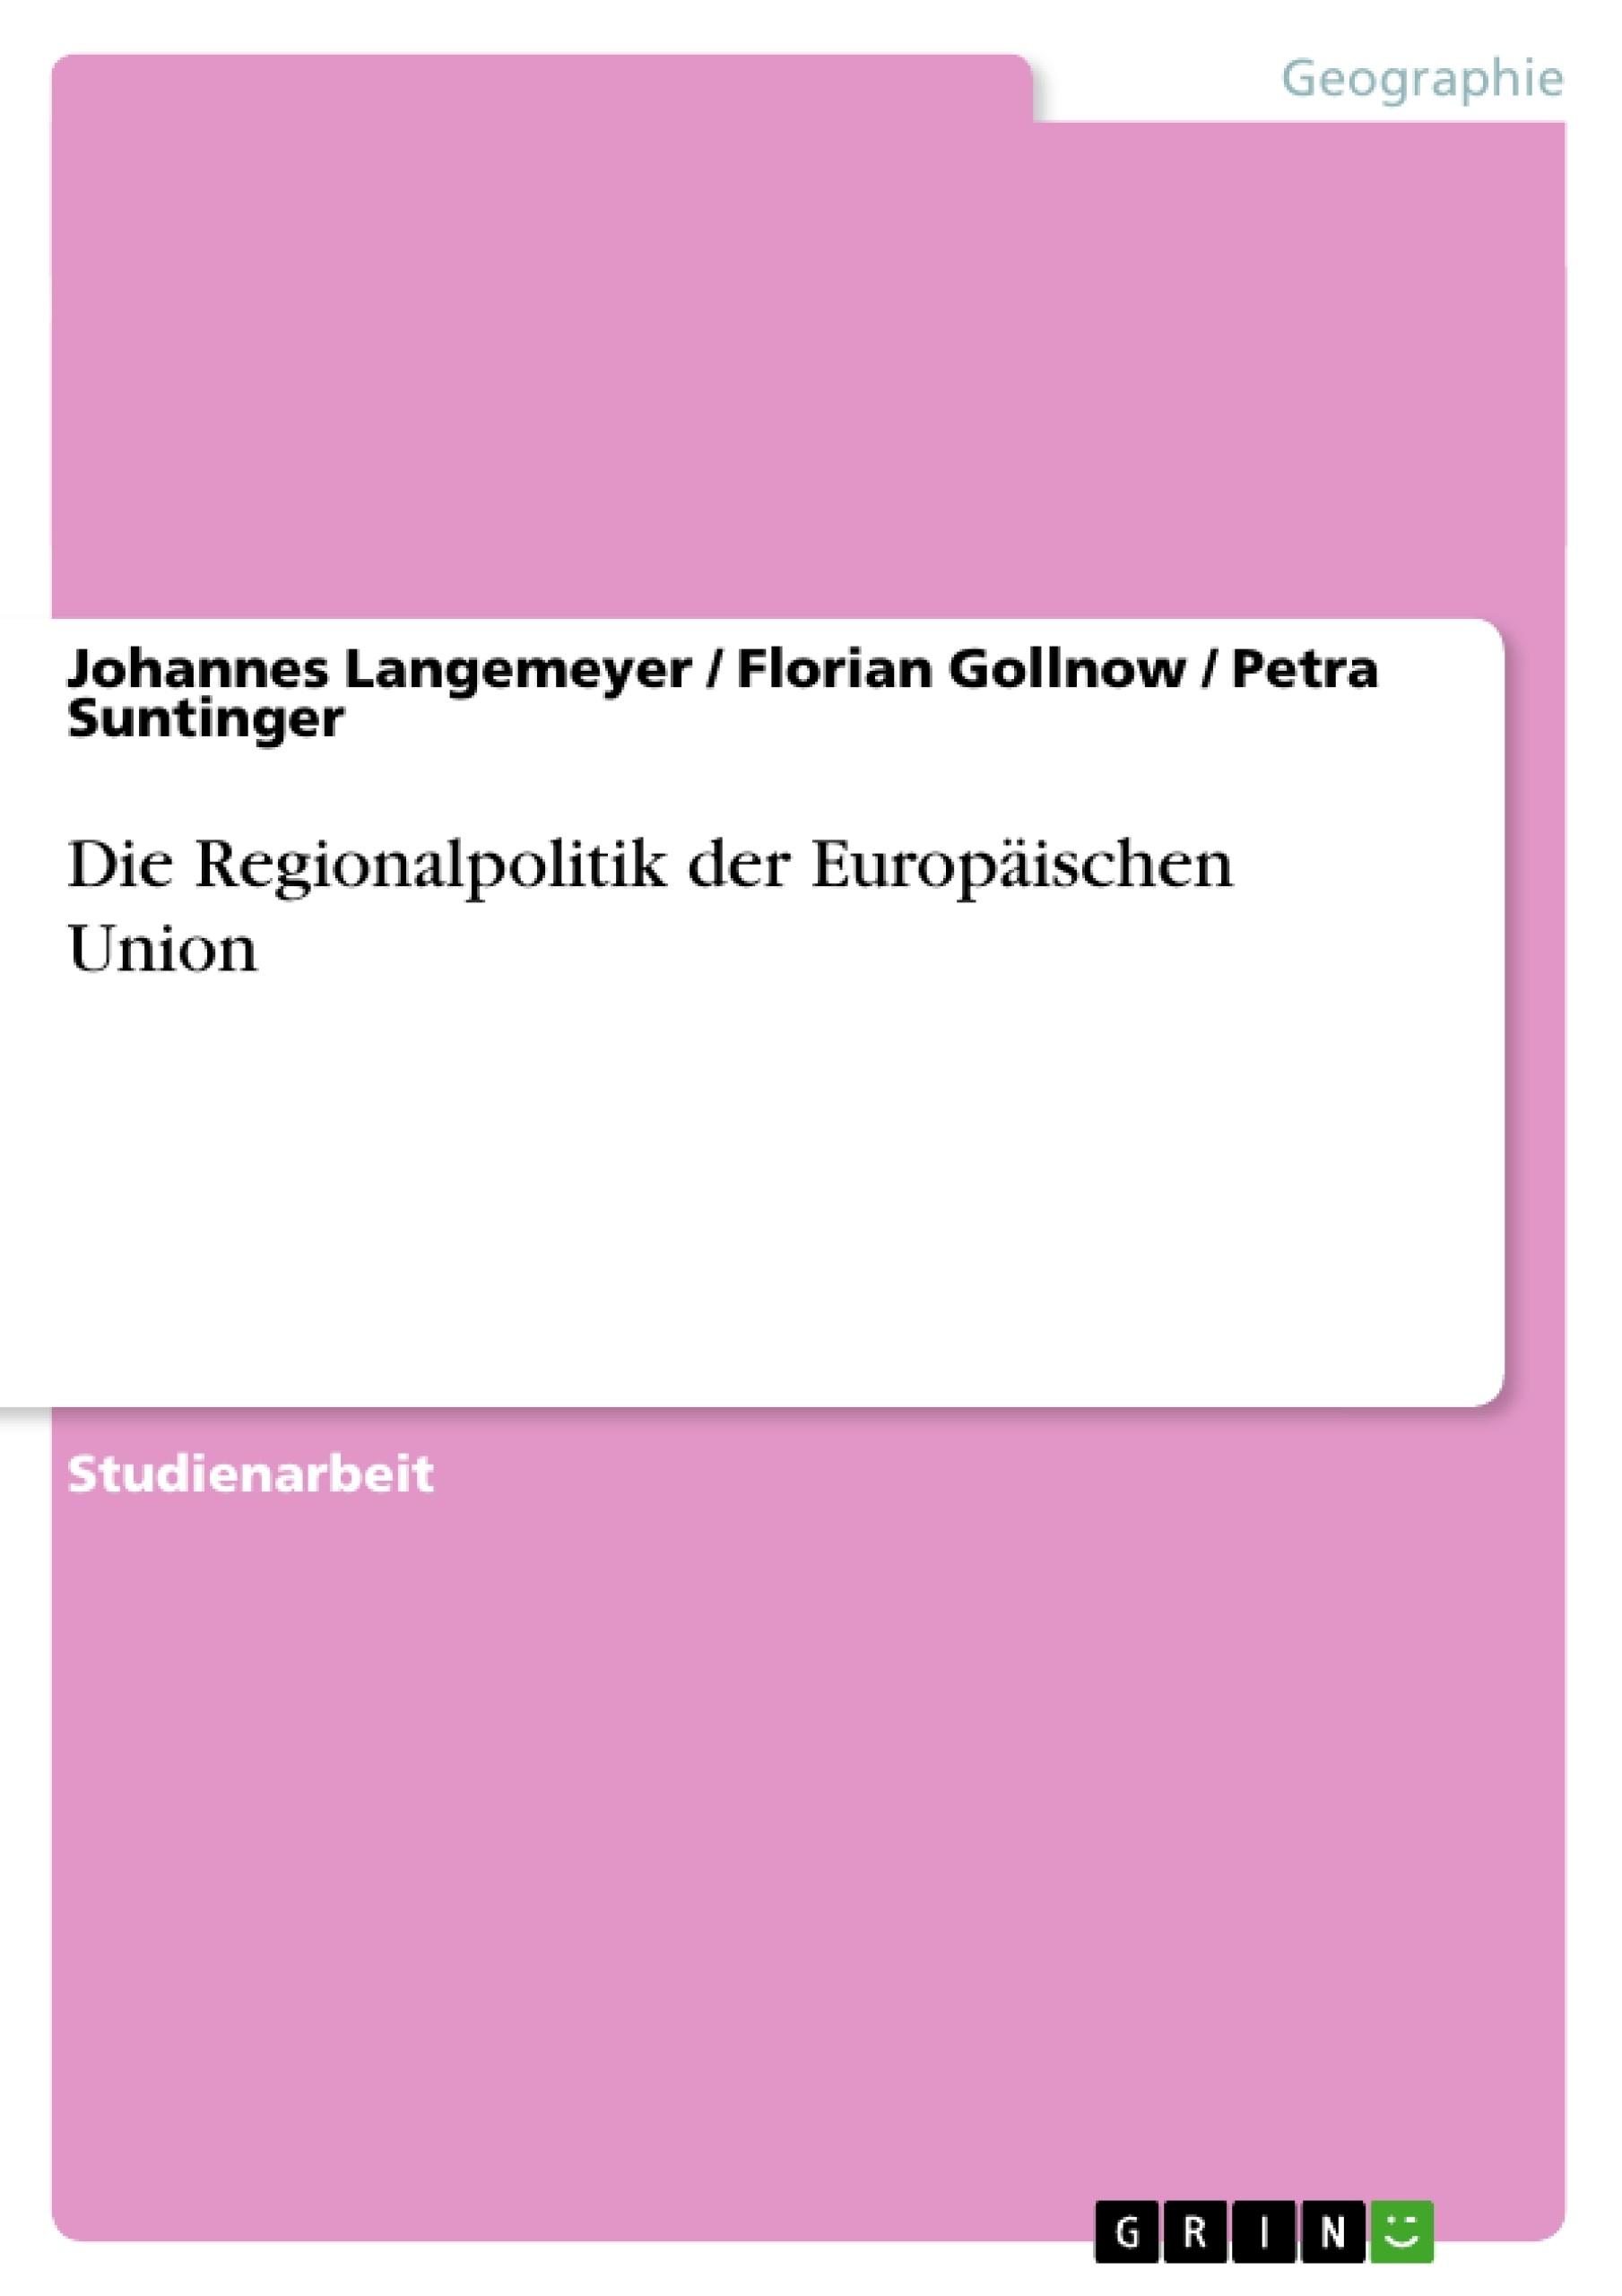 Titel: Die Regionalpolitik der Europäischen Union